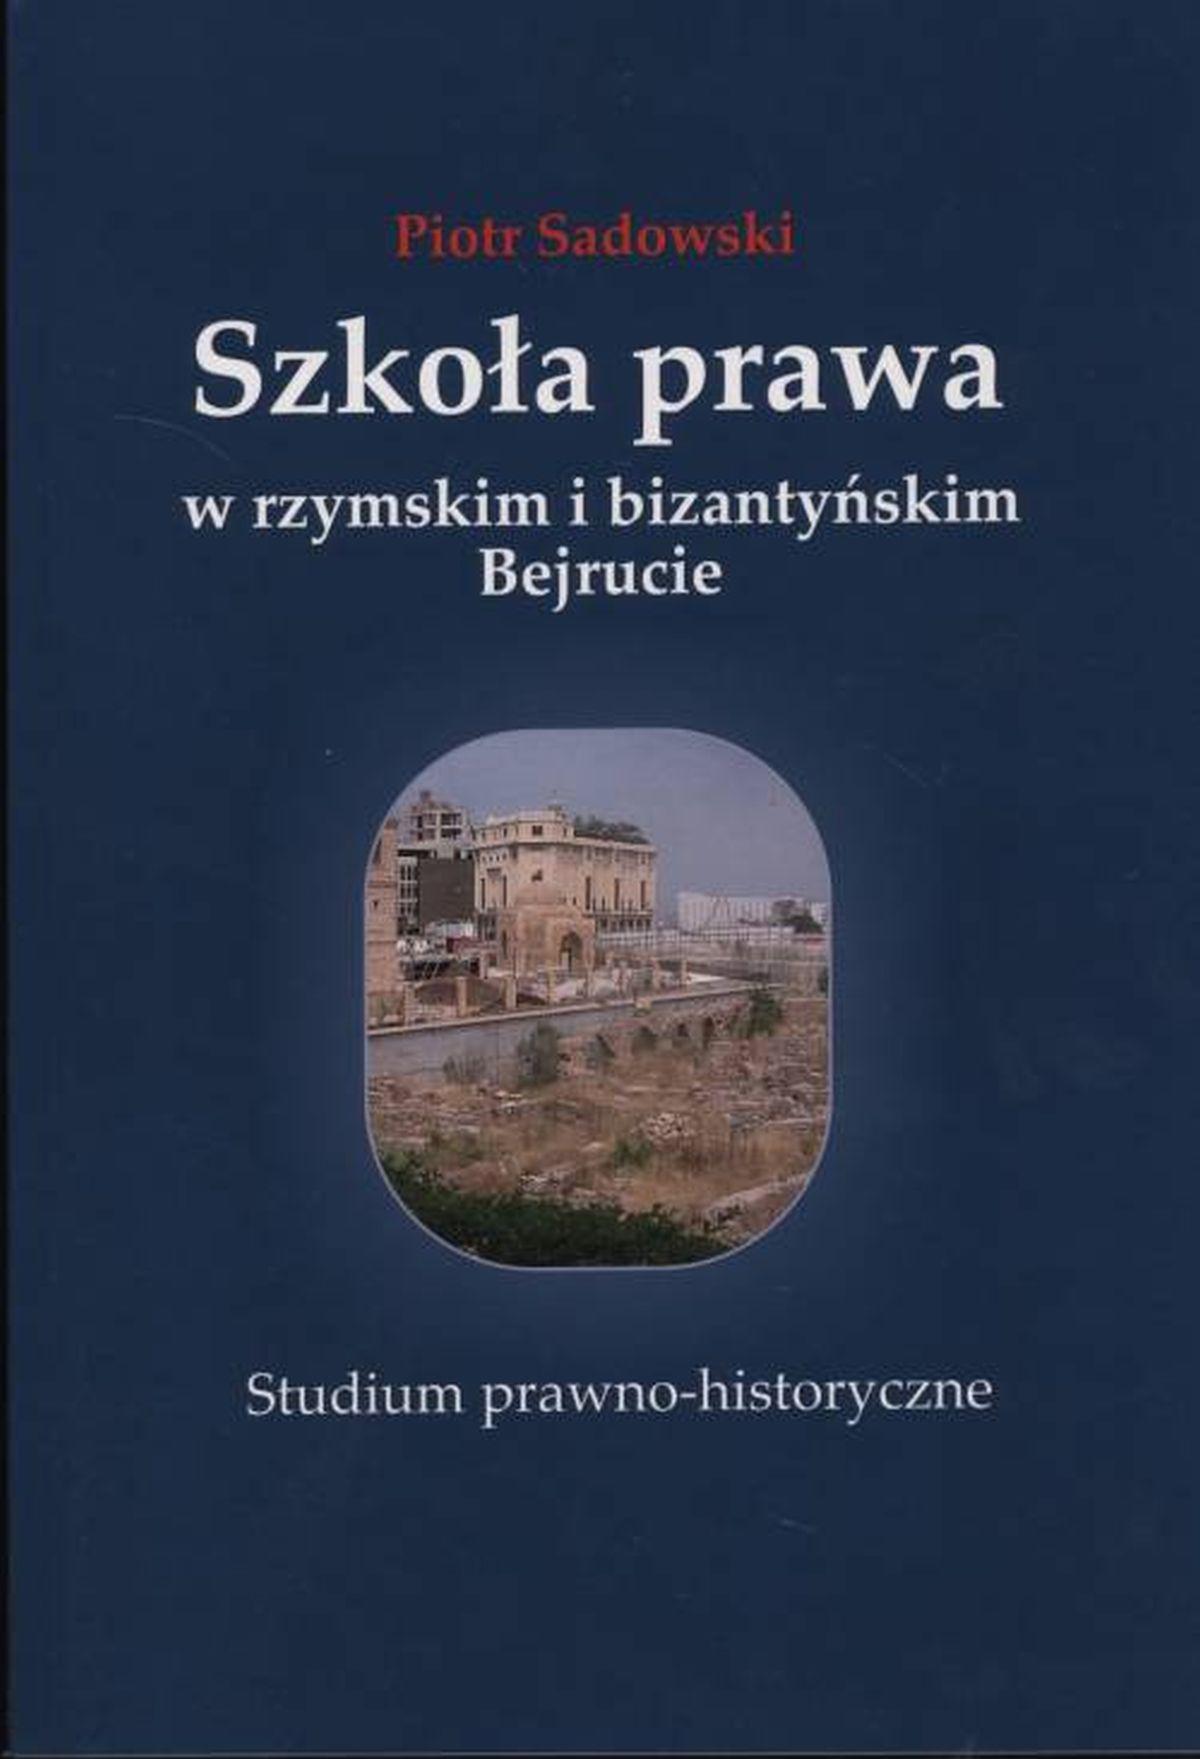 Szkoła prawa w rzymskim i bizantyńskim Bejrucie. Studium prawno-historyczne. Seria: Studia i monografie nr 557